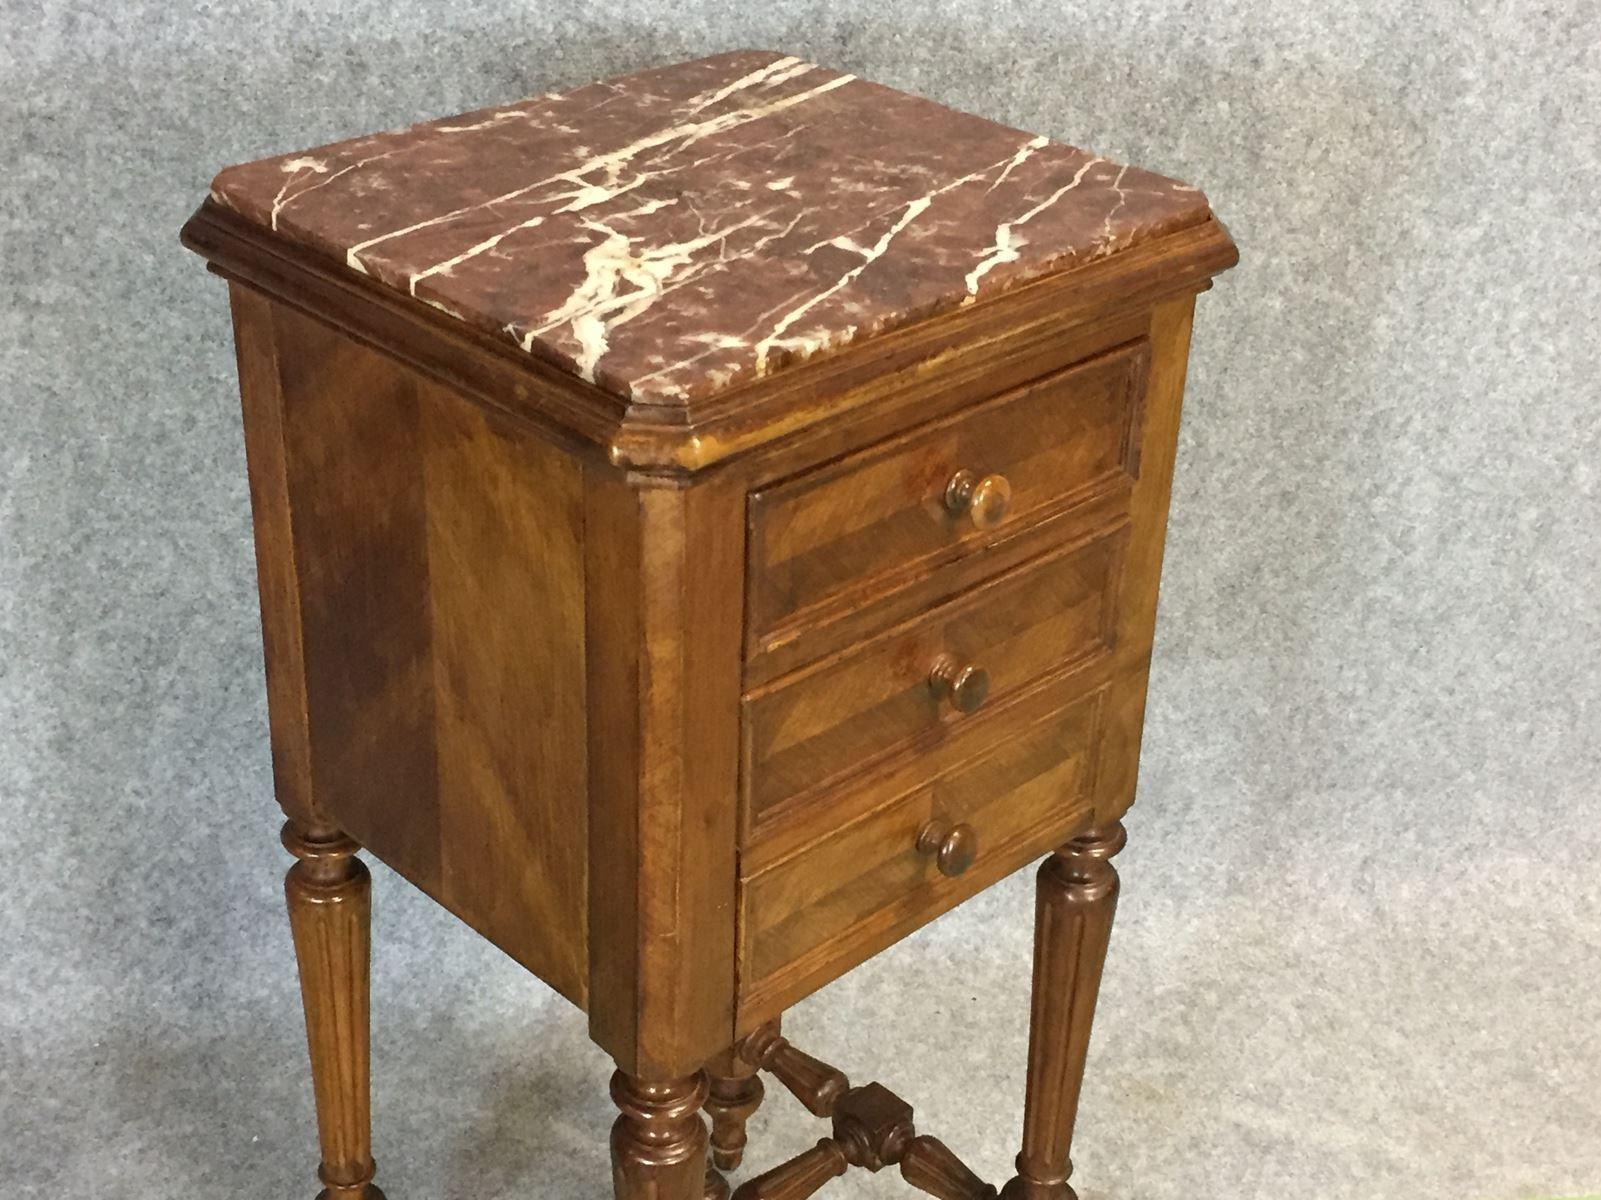 table de chevet louis philippe en noyer 19 me si cle en vente sur pamono. Black Bedroom Furniture Sets. Home Design Ideas